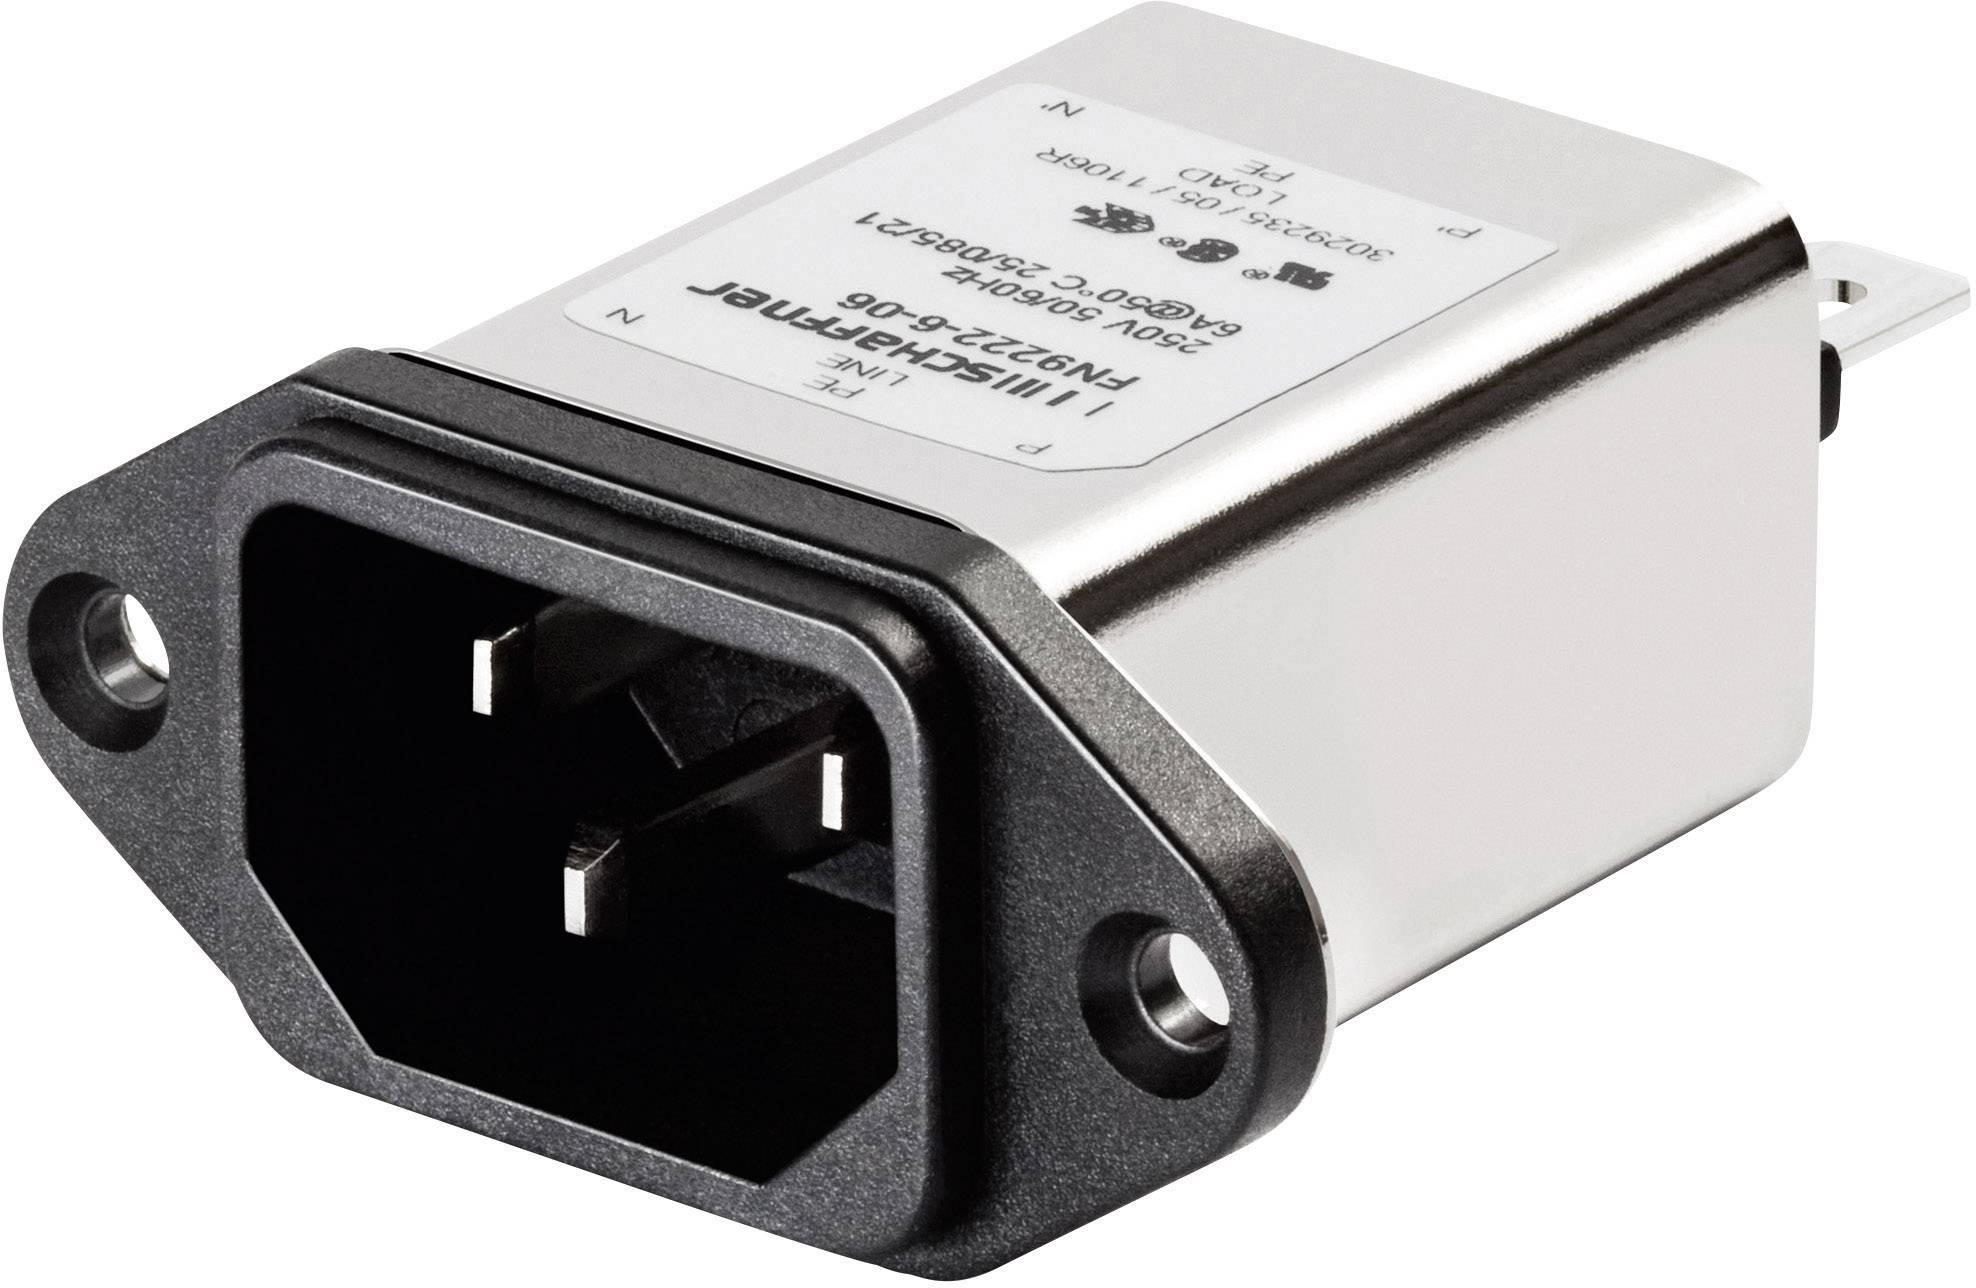 Sieťový filter Schaffner FN 9222-6-06 FN 9222-6-06, s IEC zásuvkou, 250 V/AC, 6 A, 0.78 mH, (š x v) 48 mm x 22.5 mm, 1 ks